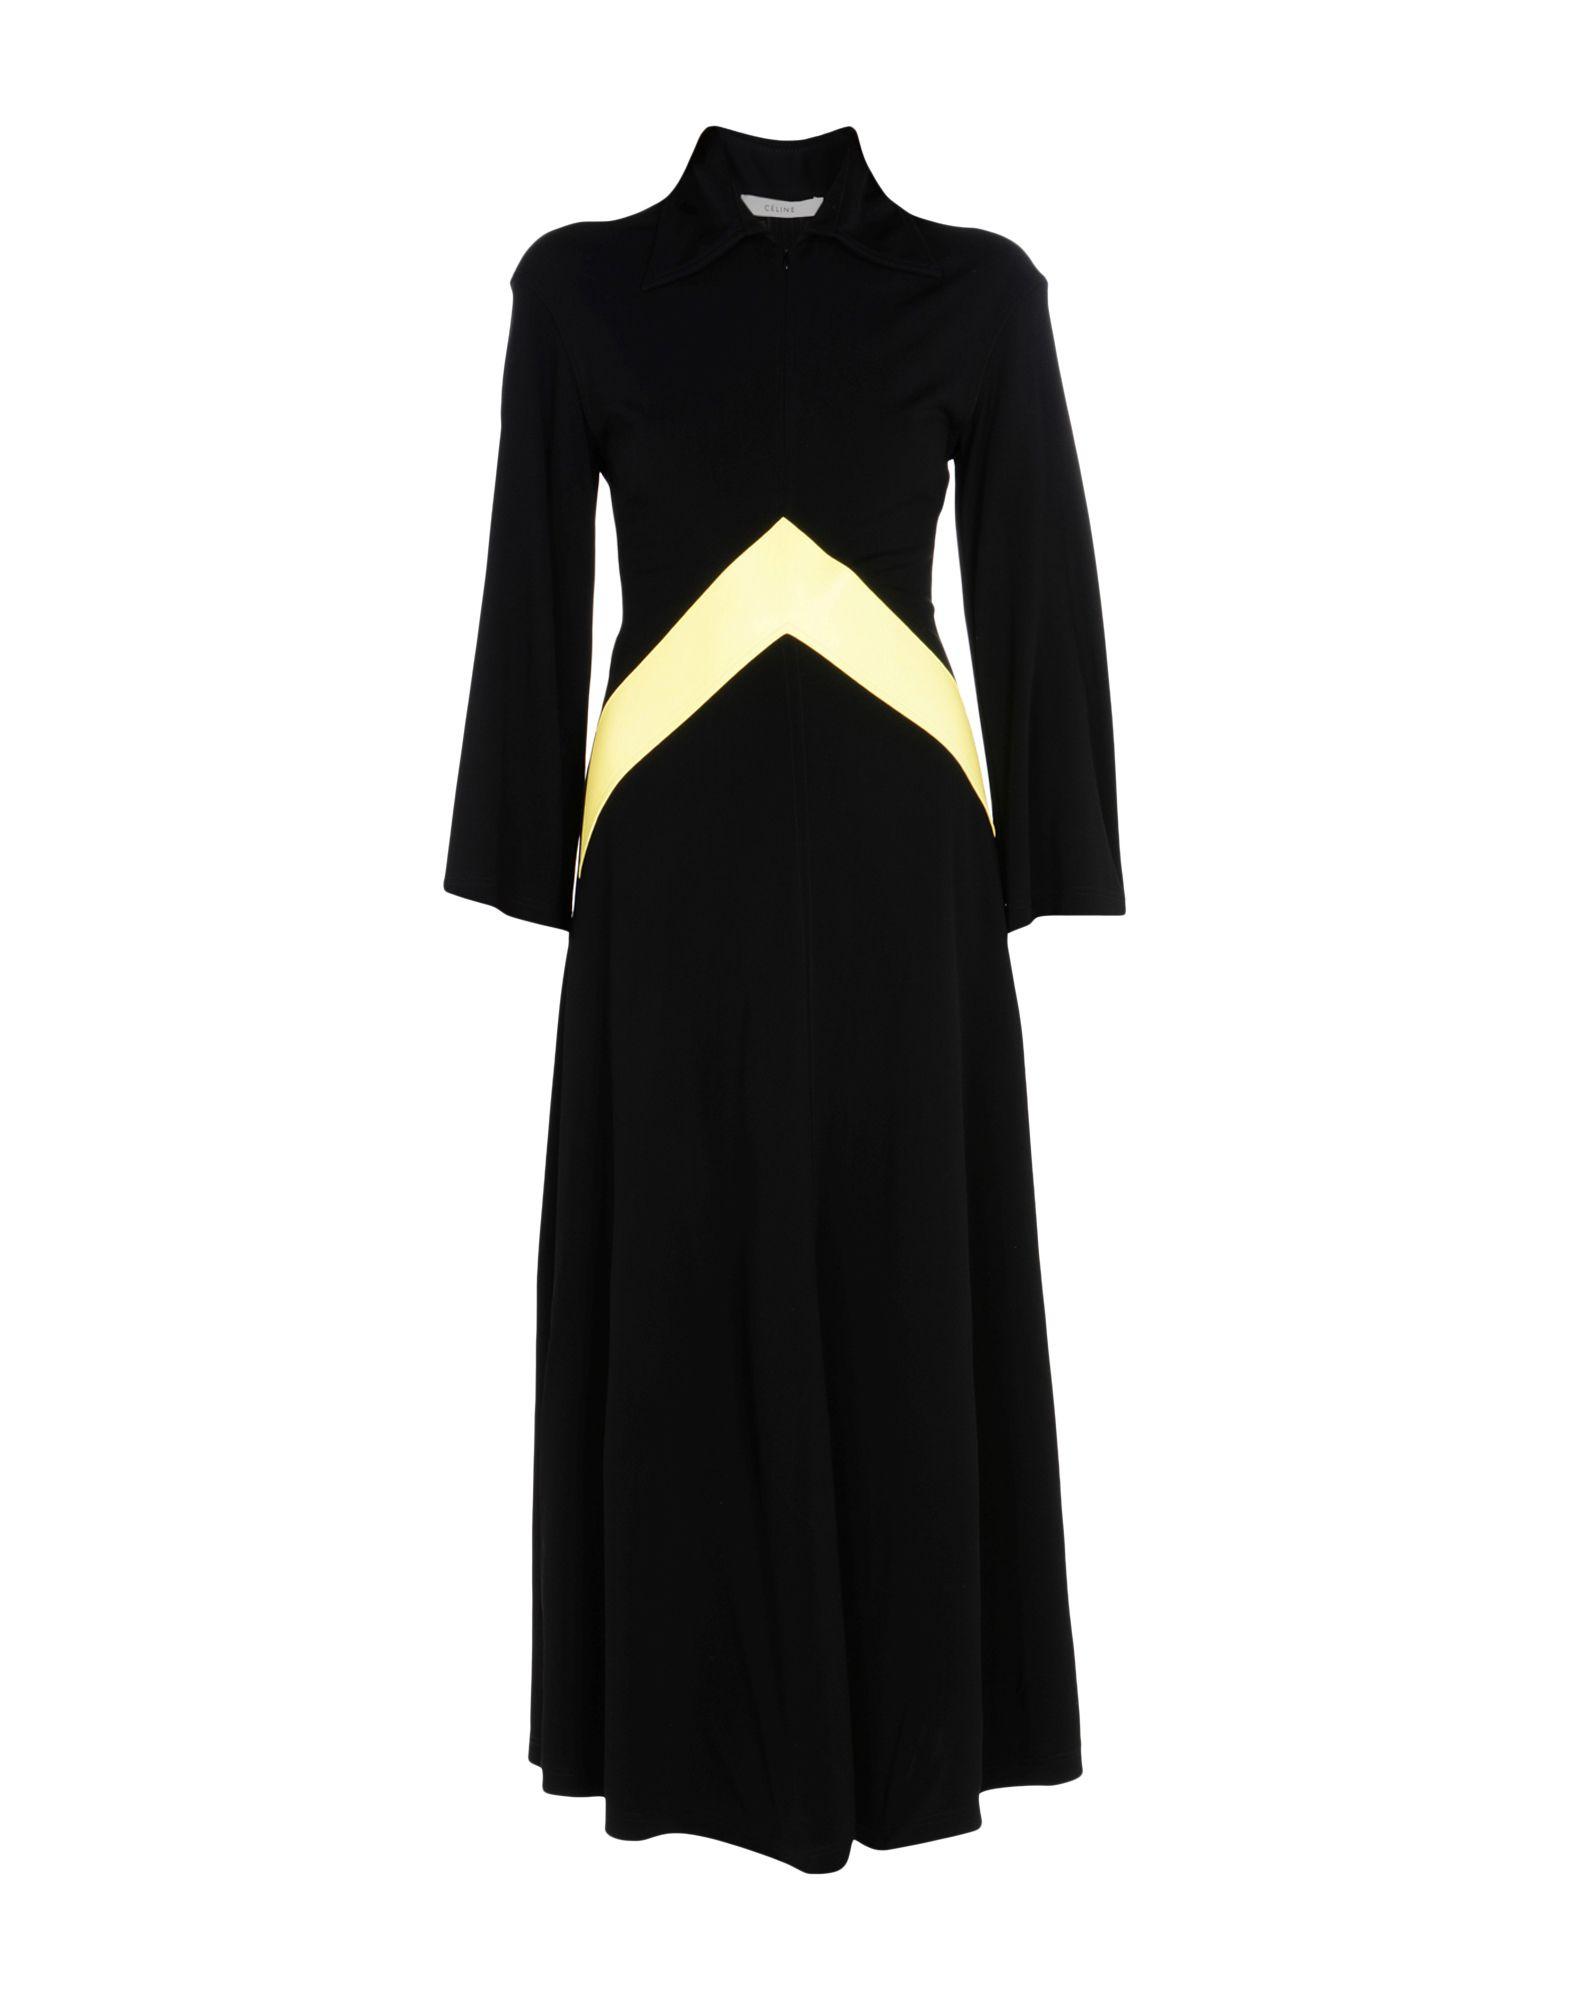 《送料無料》CELINE レディース ロングワンピース&ドレス ブラック 38 レーヨン 100% / 羊革(ラムスキン)